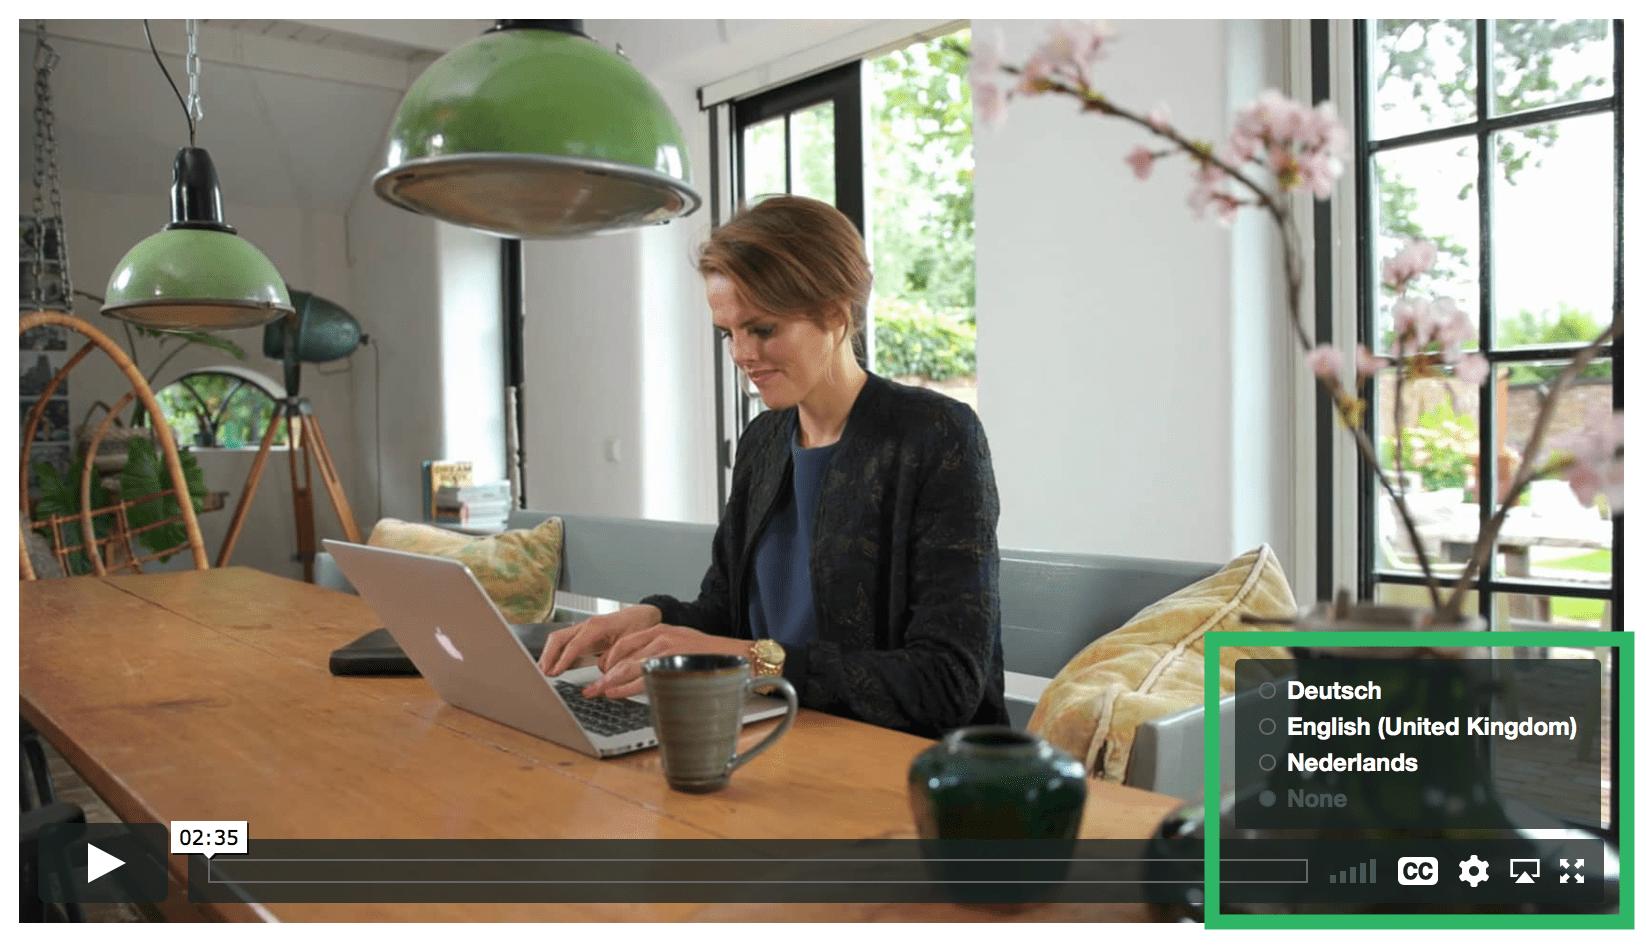 Ondertiteling taal selecteren in Vimeo